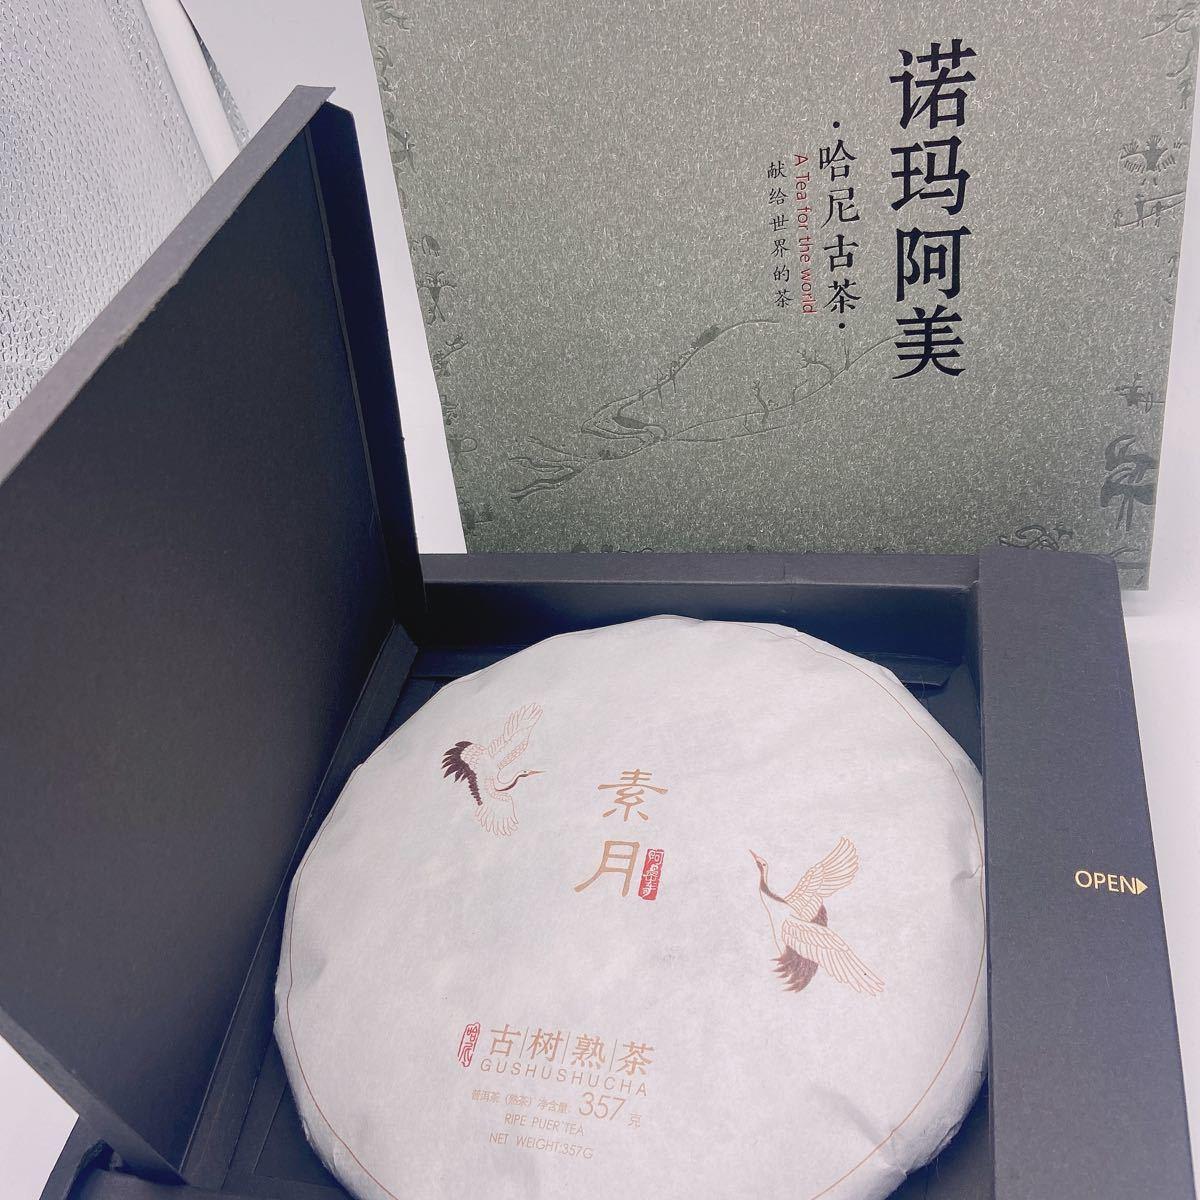 【餅茶専用箱】両親や親友へのプレゼントとして最適!